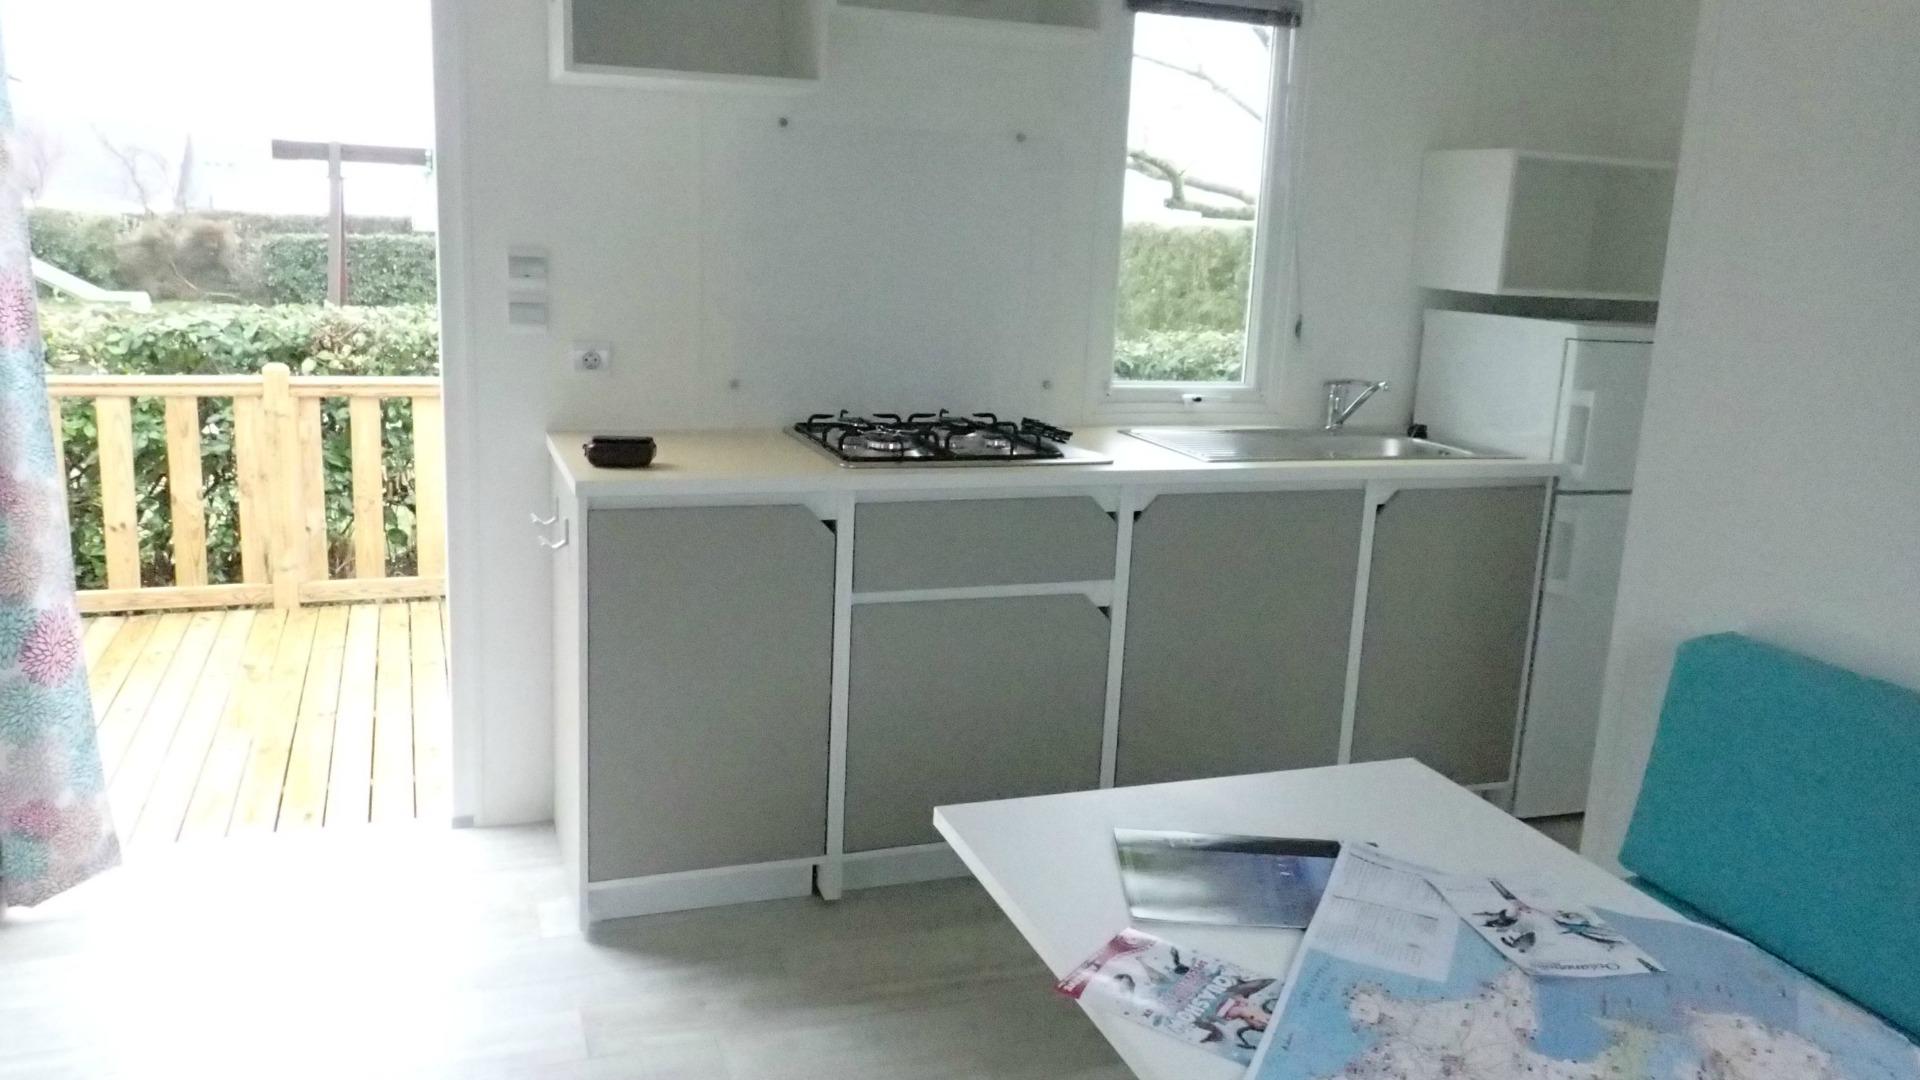 La terrasse extérieure en bois, dans le prolongement de la cuisine est comme une pièce supplémentaire